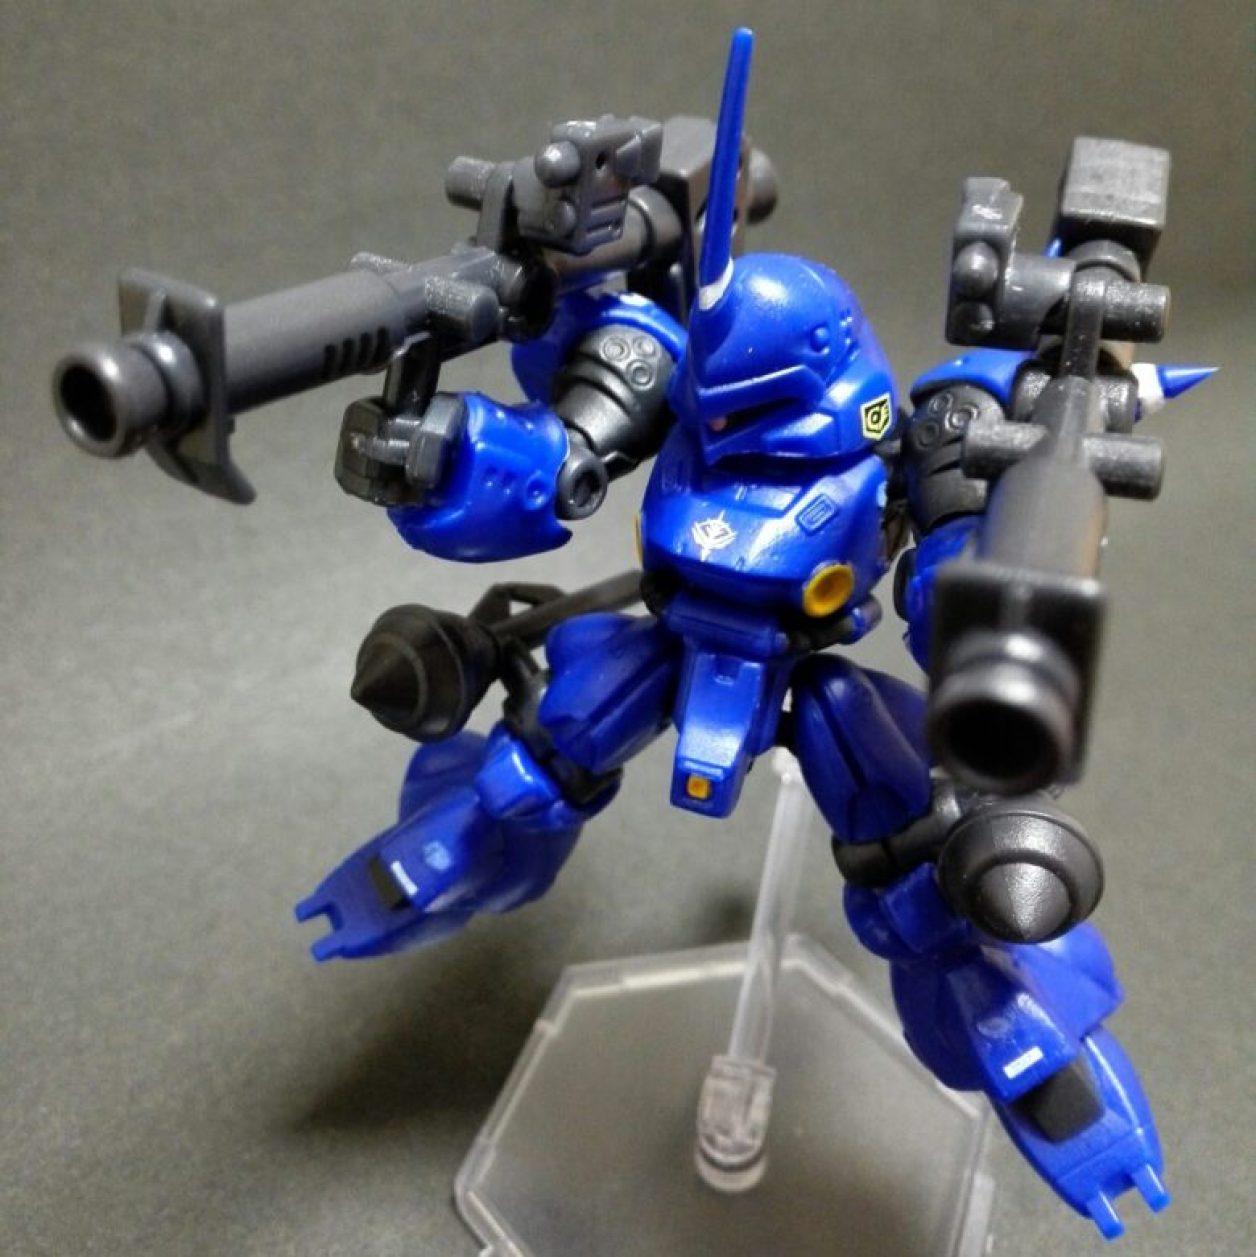 mobile suit ensemble 4.5弾のケンプファー(マーキングプラス)本体にMS武器セットよりシュツルムファウスト×2とジャイアント・バズーカ×2を装備させてミニフライングベースでディスプレイした画像